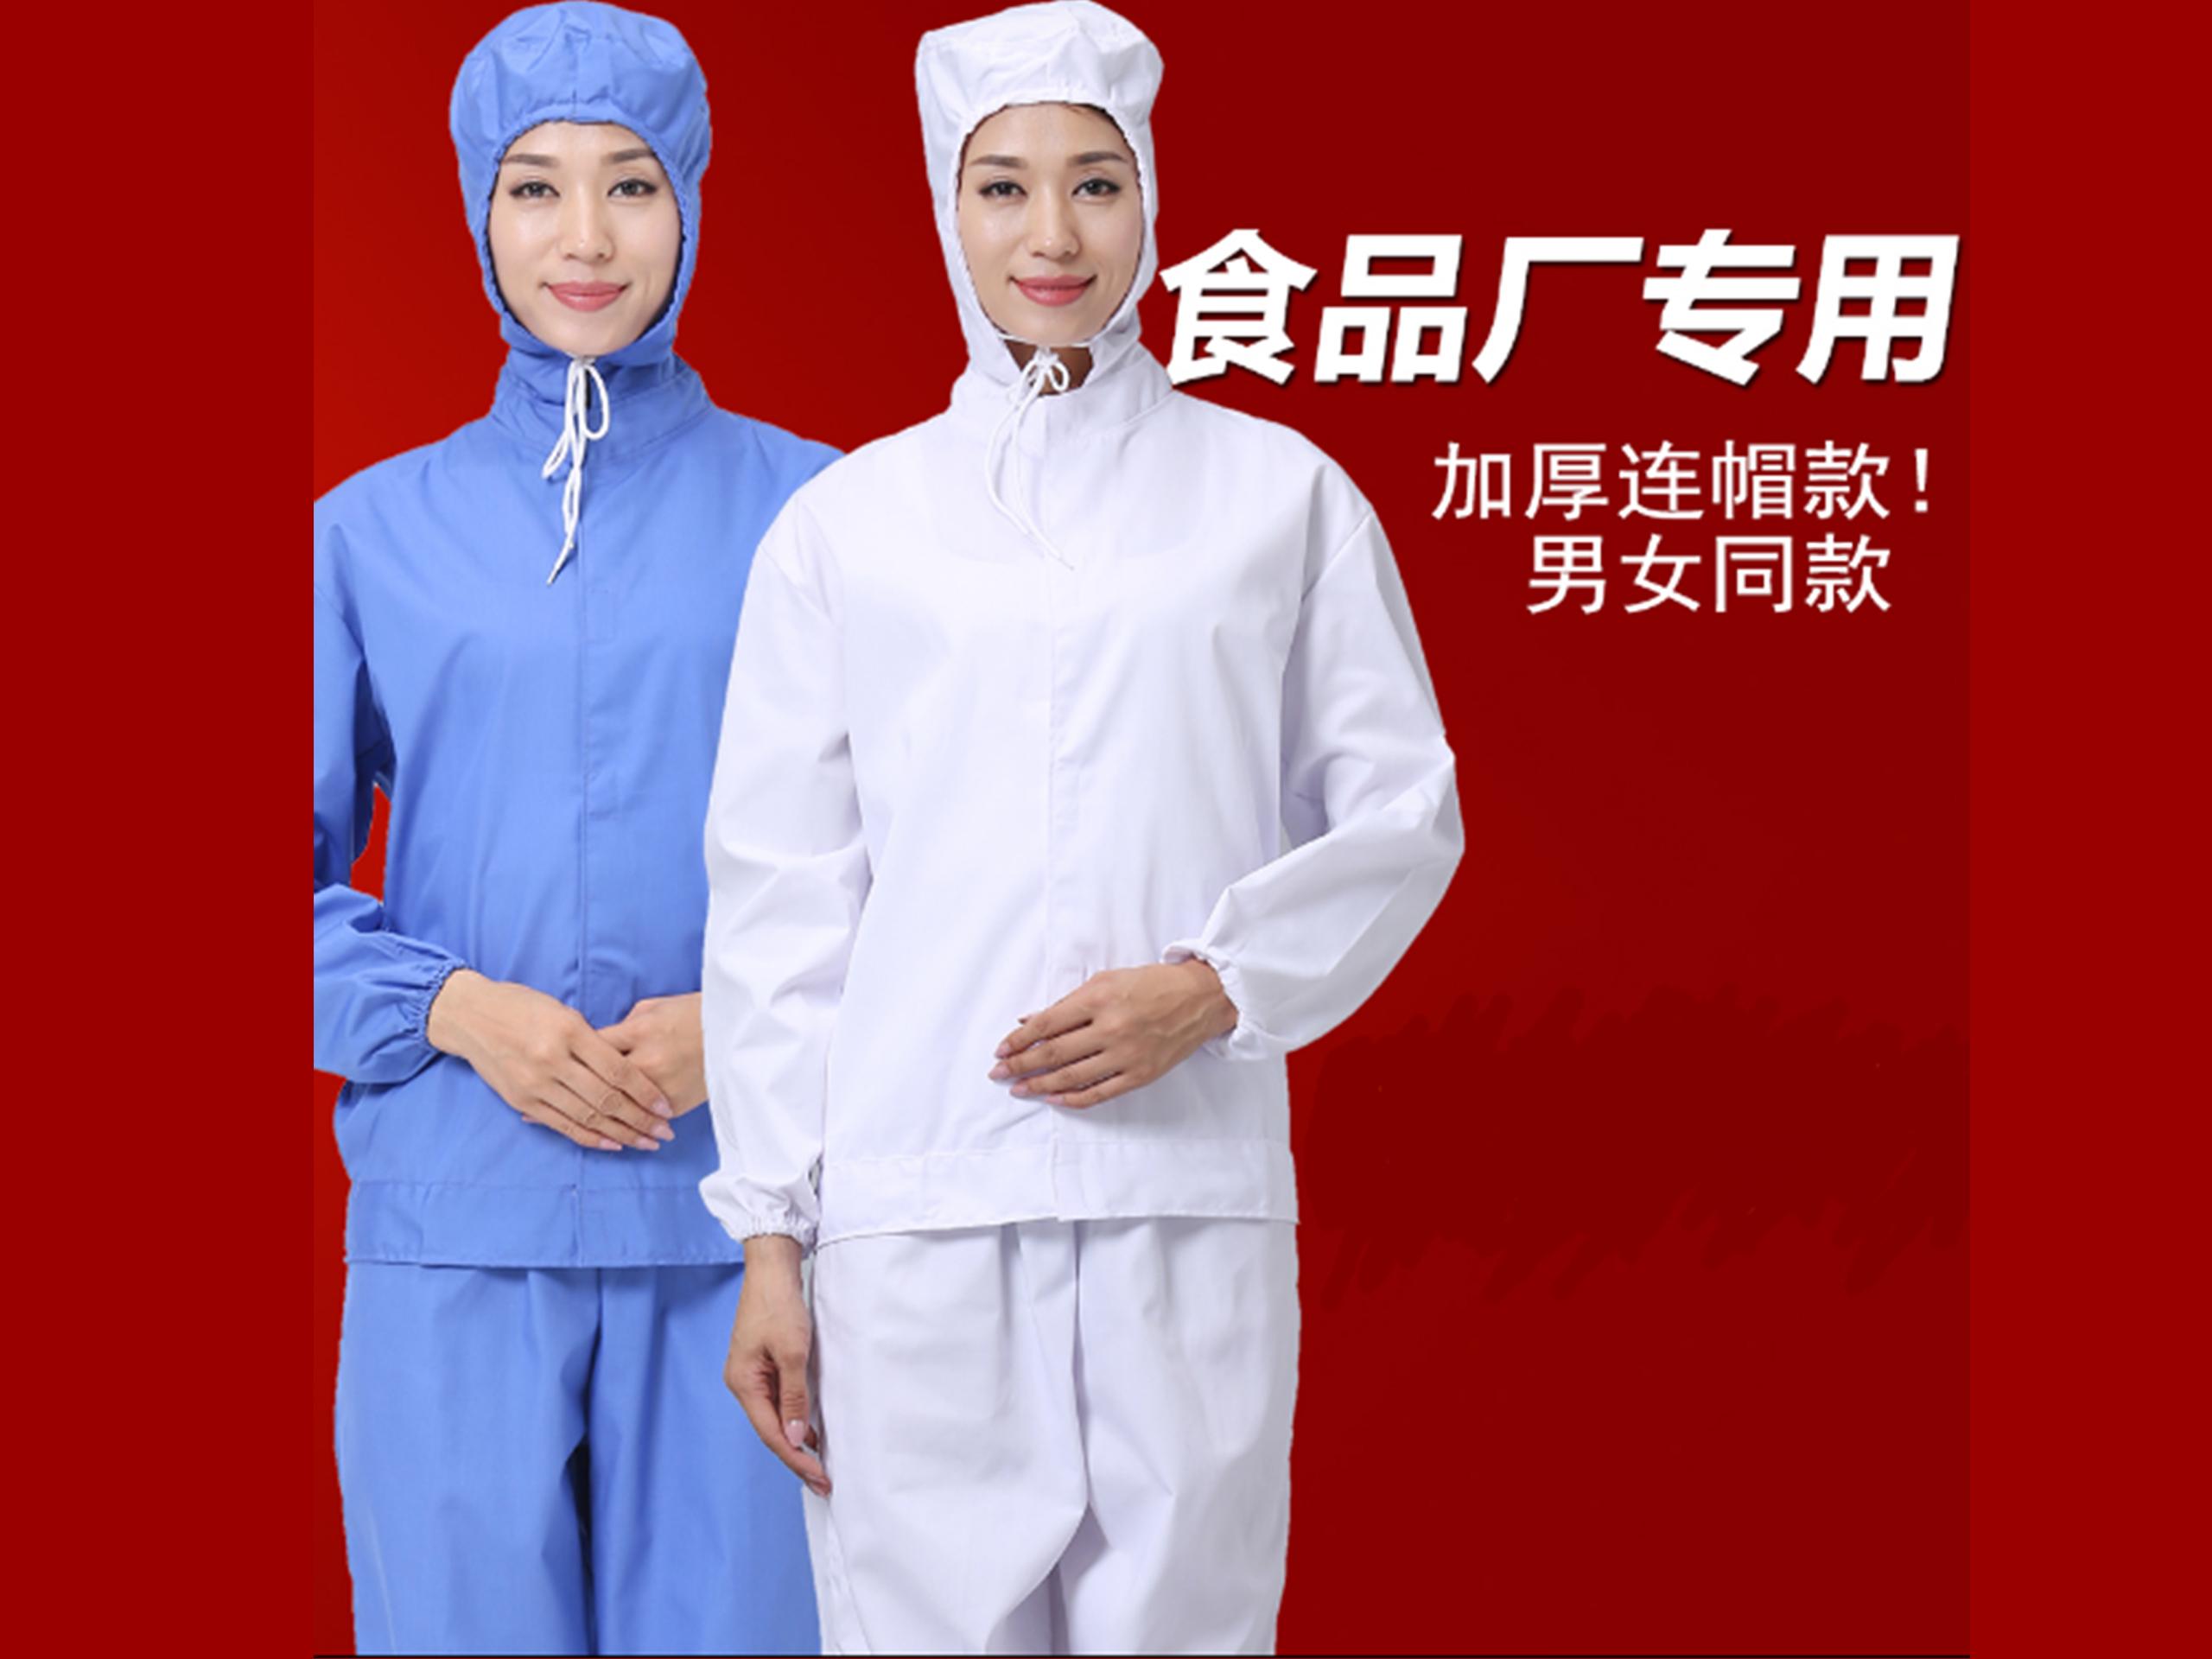 食品廠服裝2.jpg